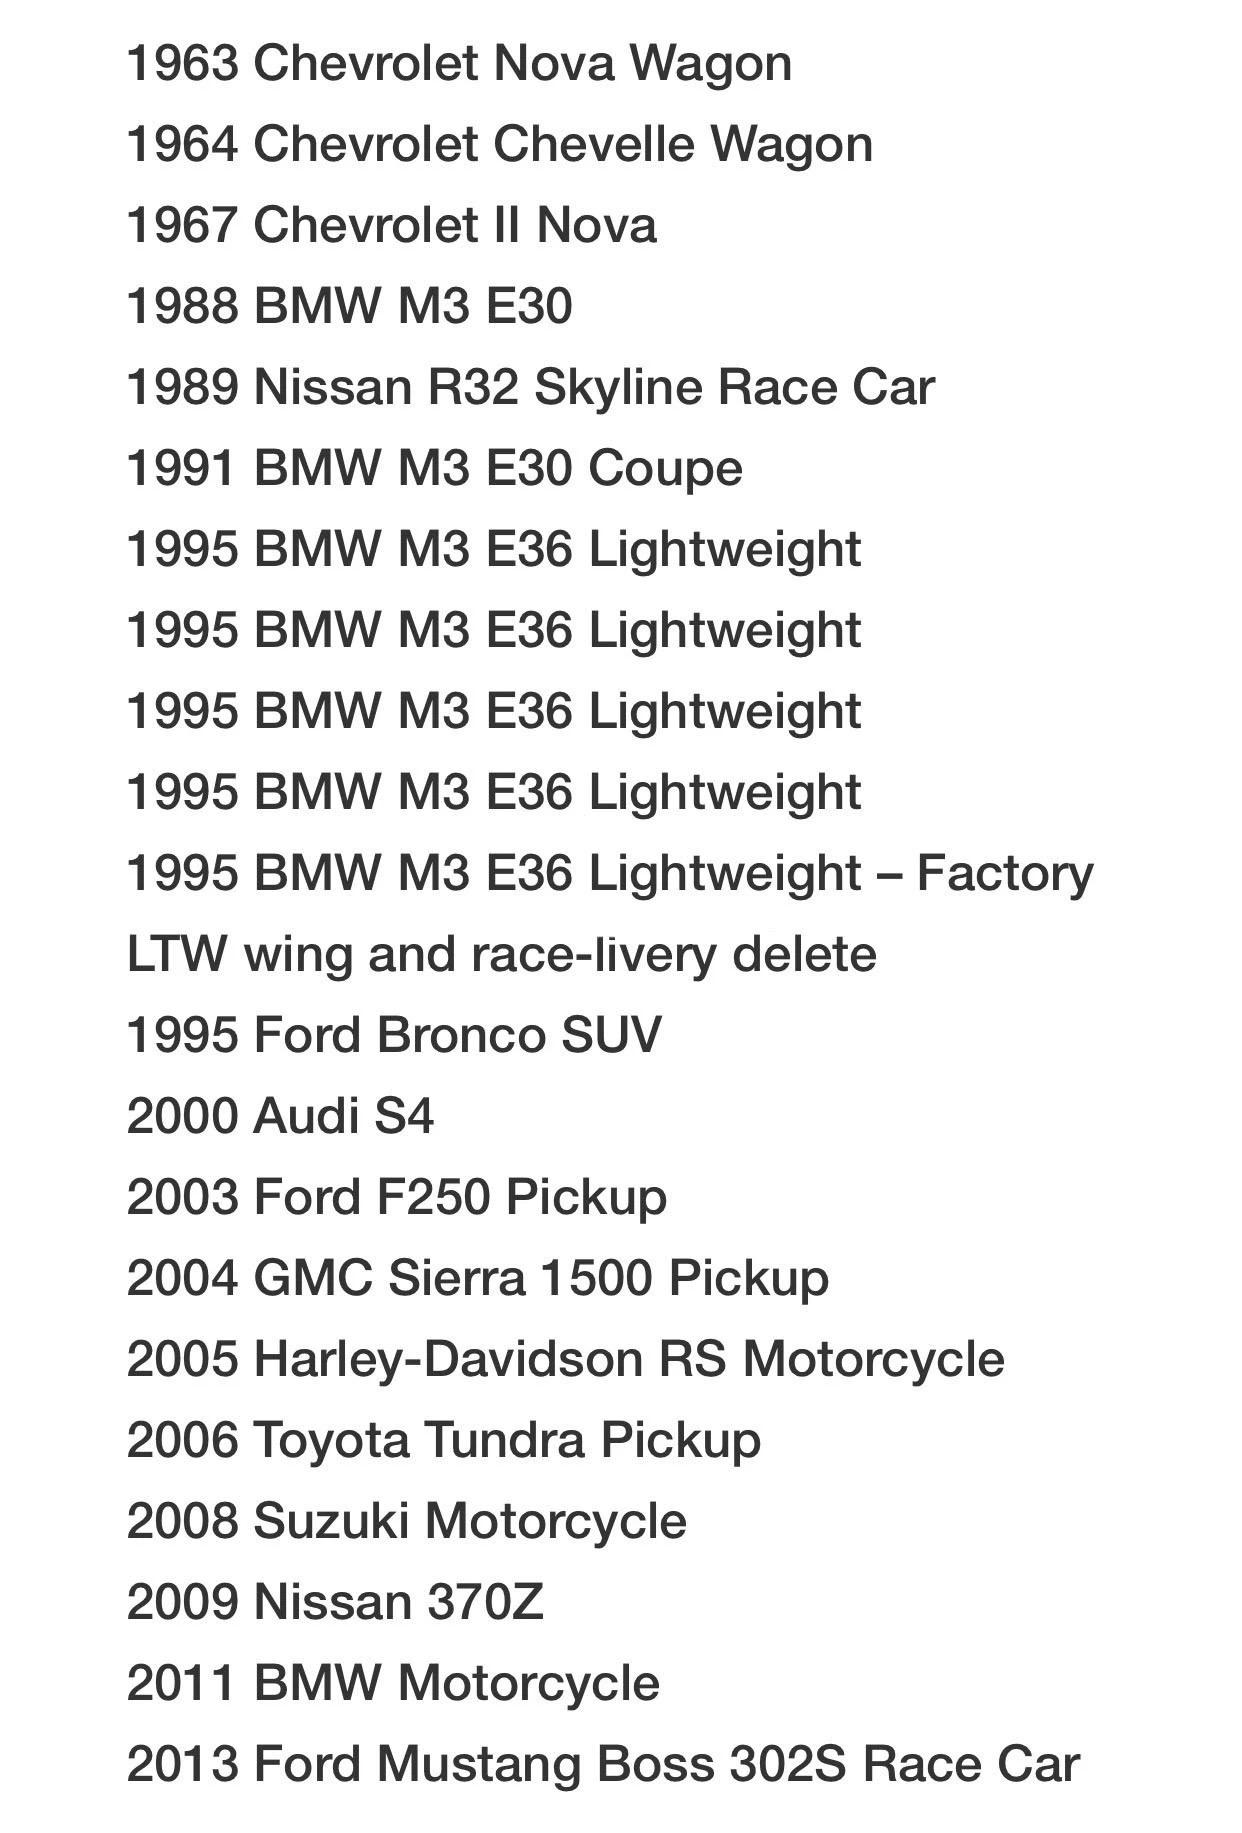 保罗·沃克生前的 21 辆私人珍藏车款即将在2020 年1 月11~19日